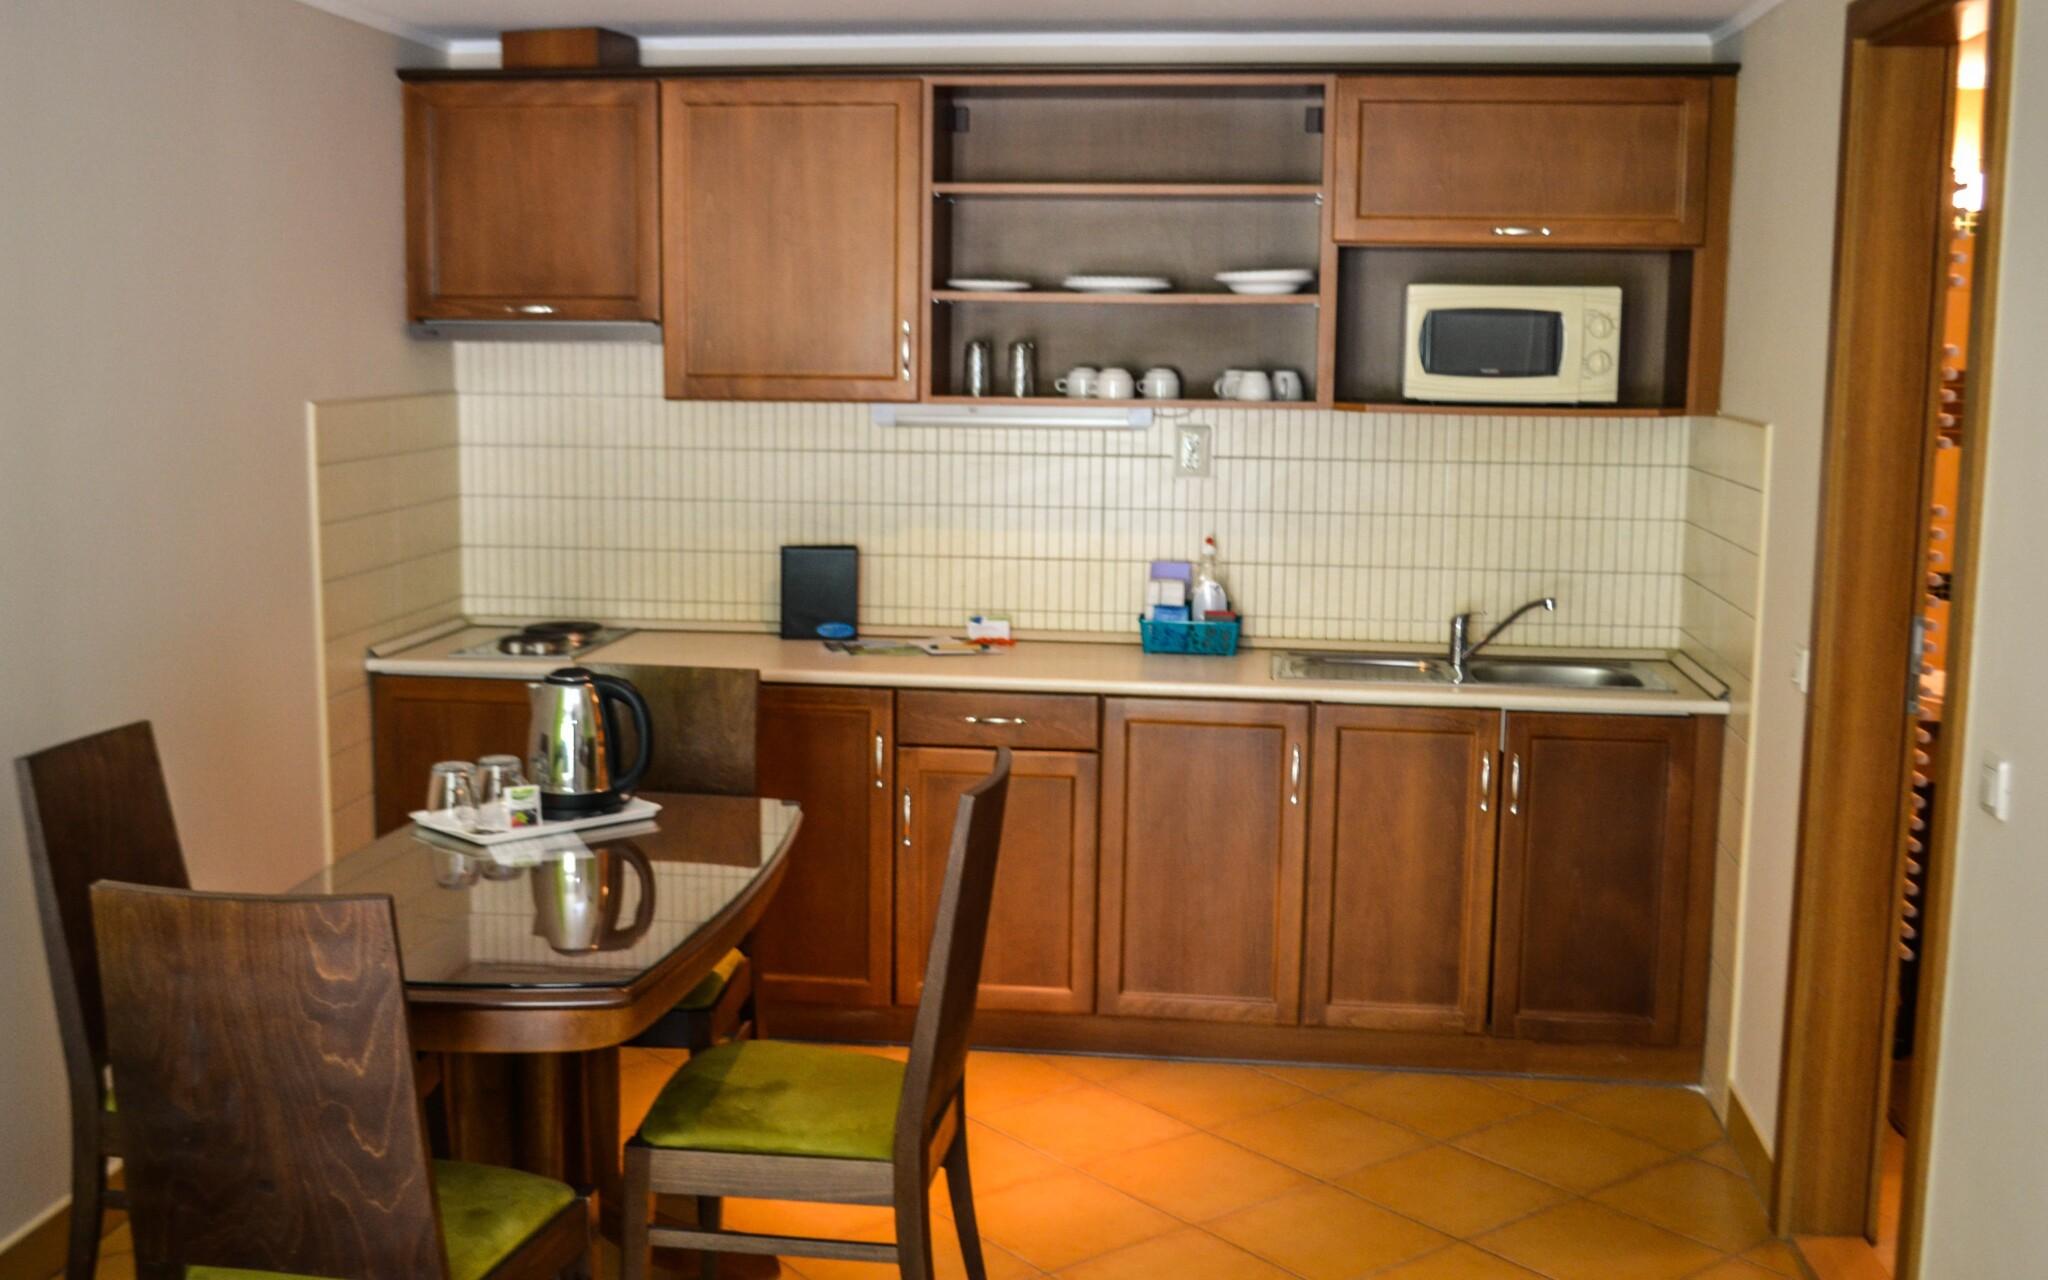 Pokoje jsou komfortně zařízené a barevně sladěné